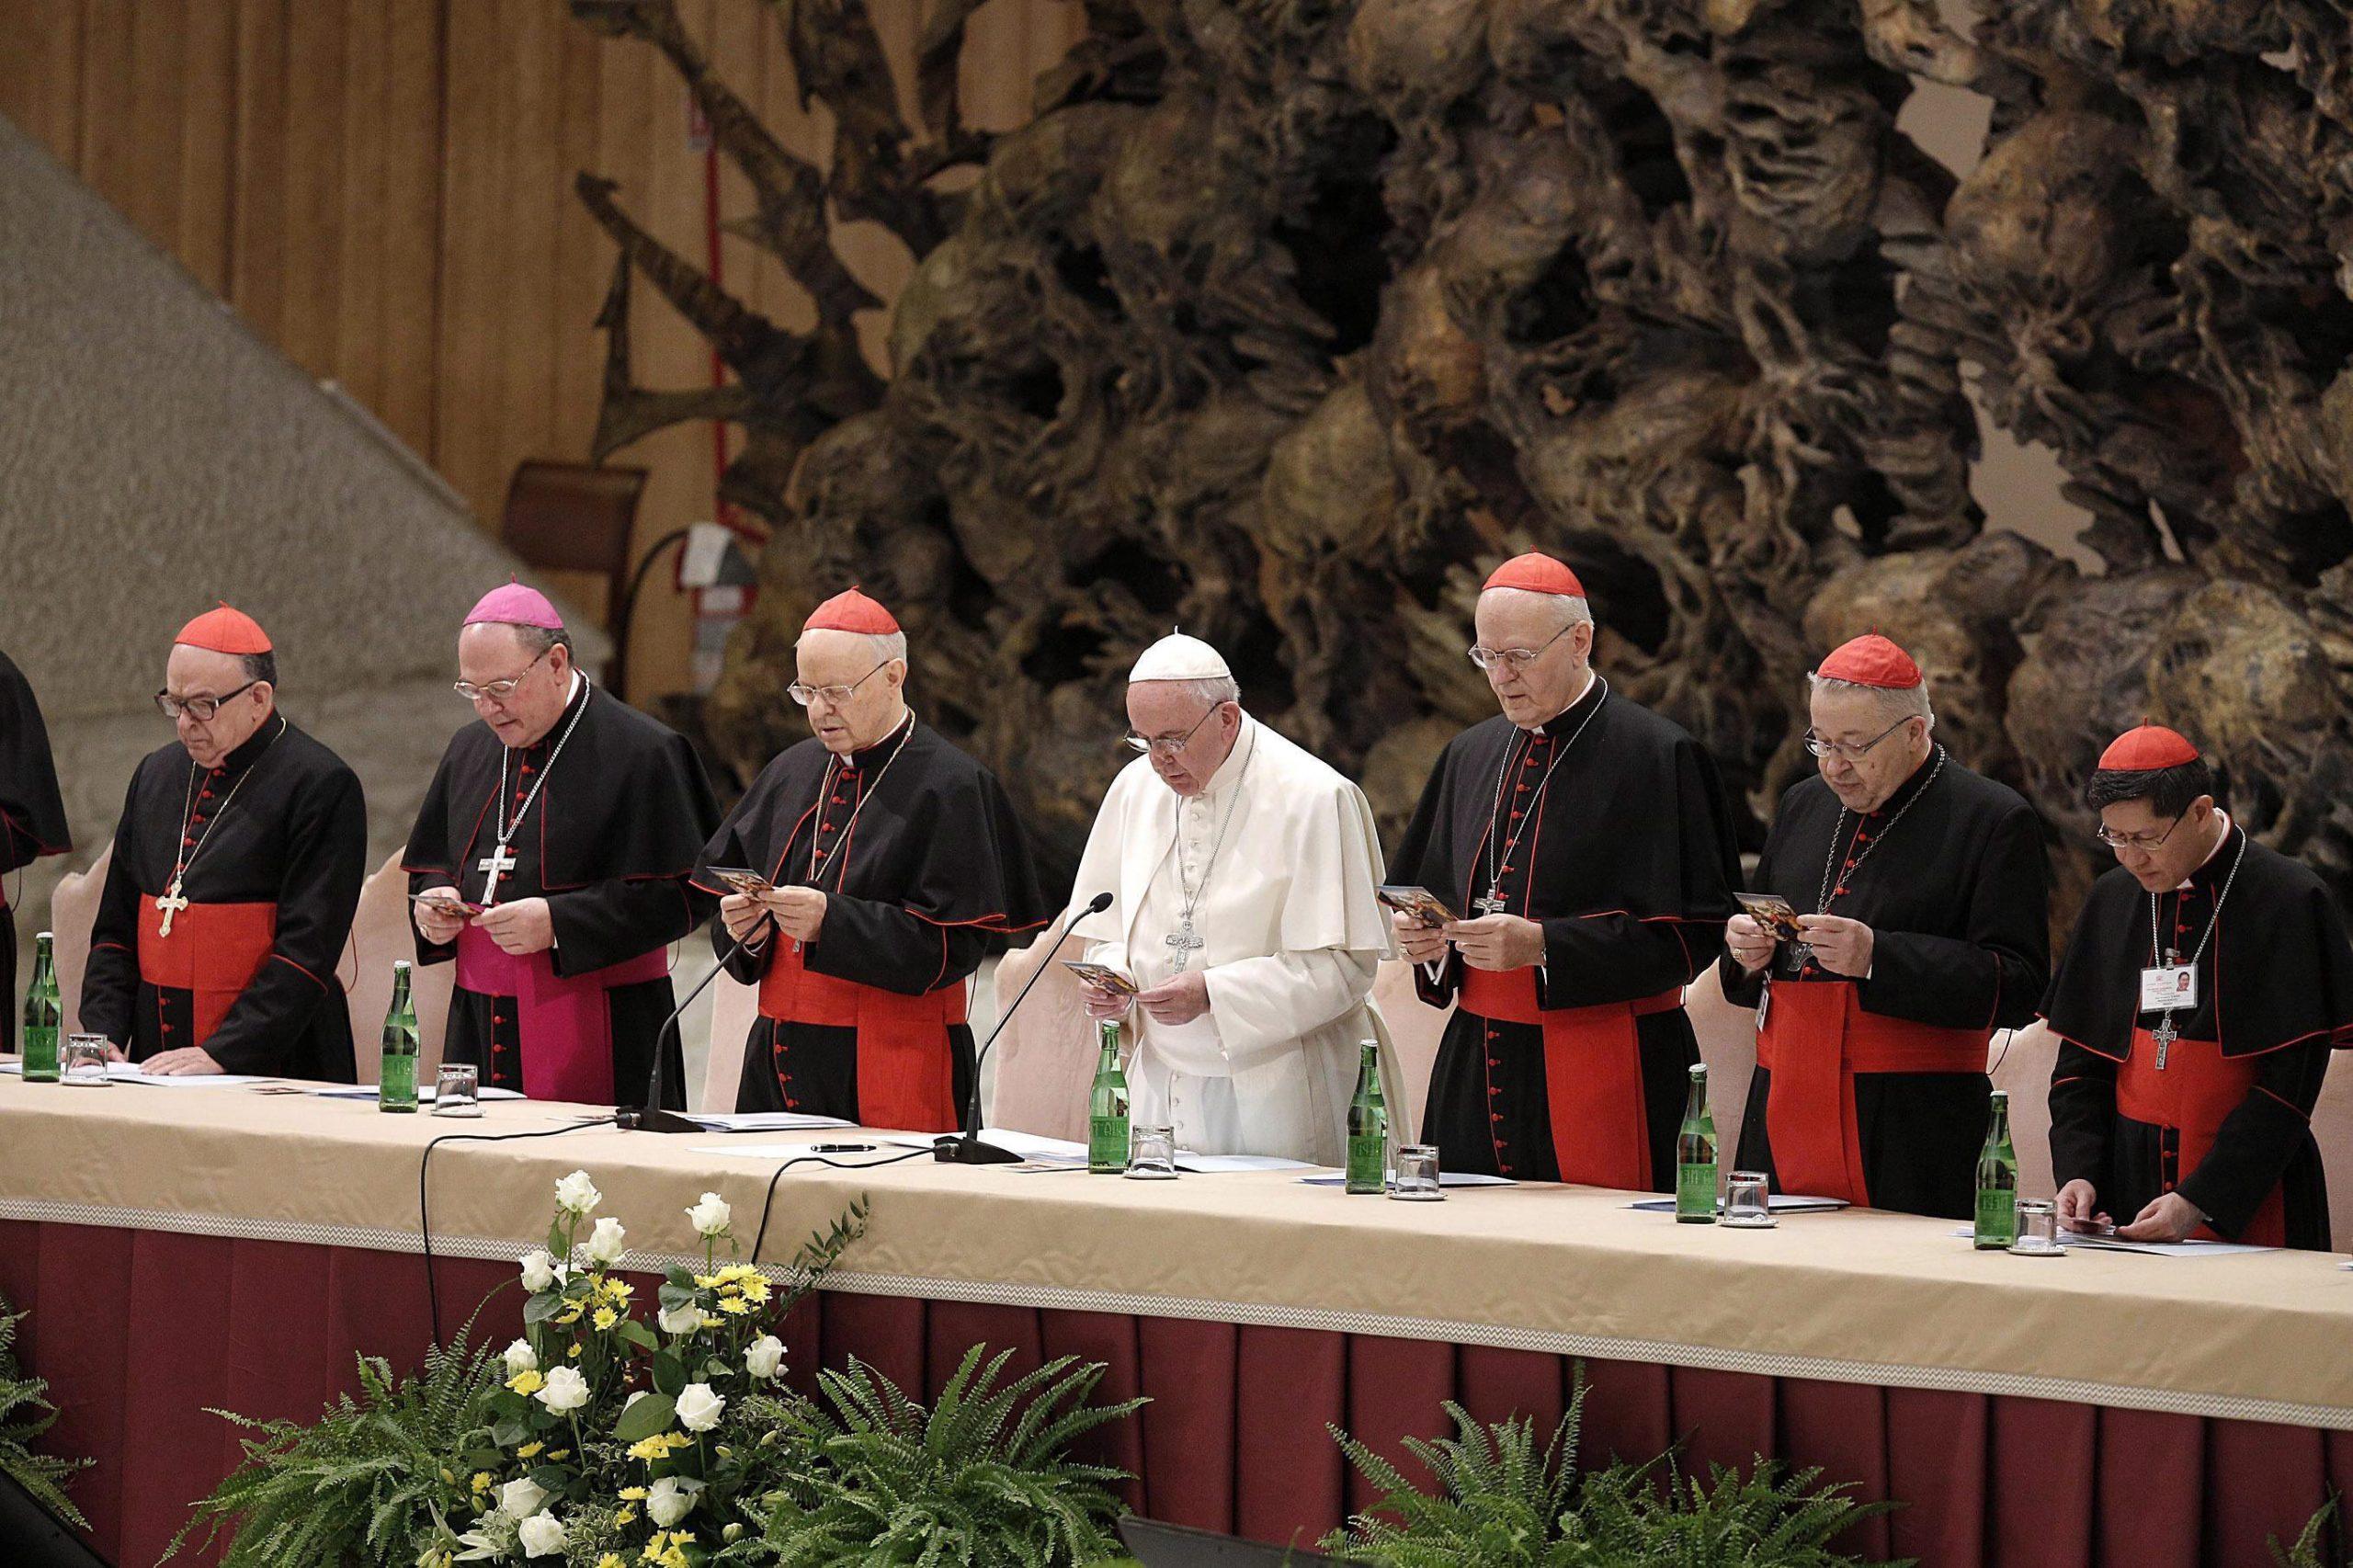 Papst Franziskus beruft Kardinal Erdő in den Vatikanischen Wirtschaftsrat post's picture